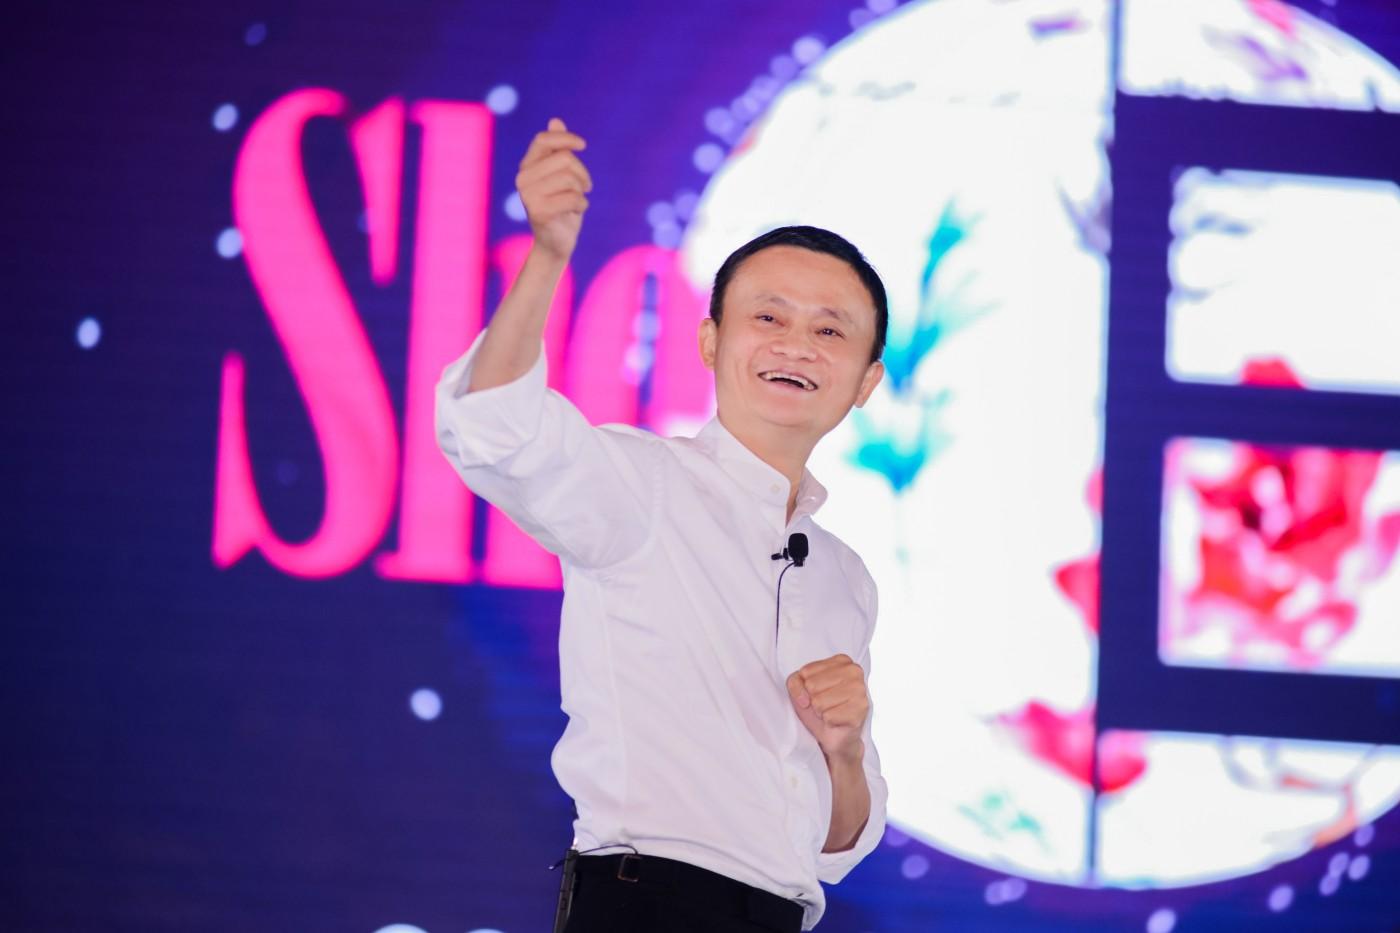 20年前曾兩次「逃離北京」的馬雲,現在帶著12,000名員工「回來」了